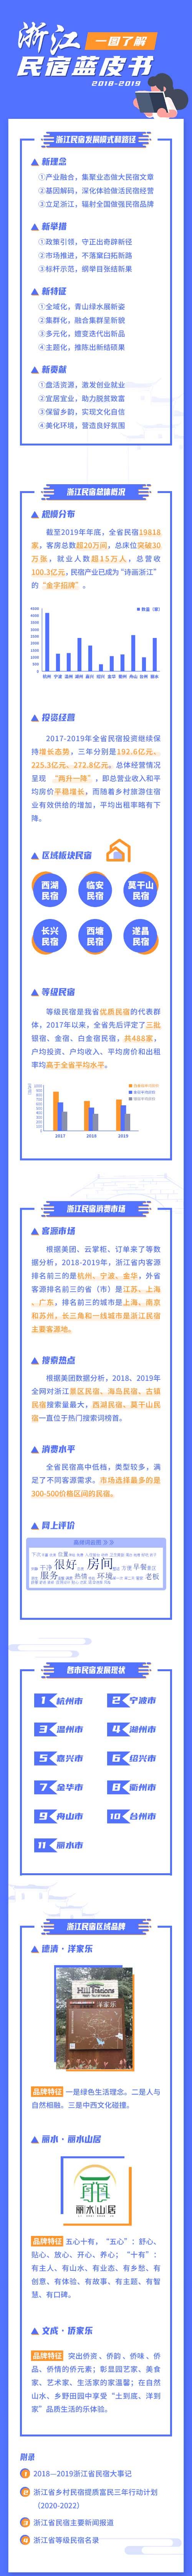 《浙江民宿蓝皮书2018-2019》发布